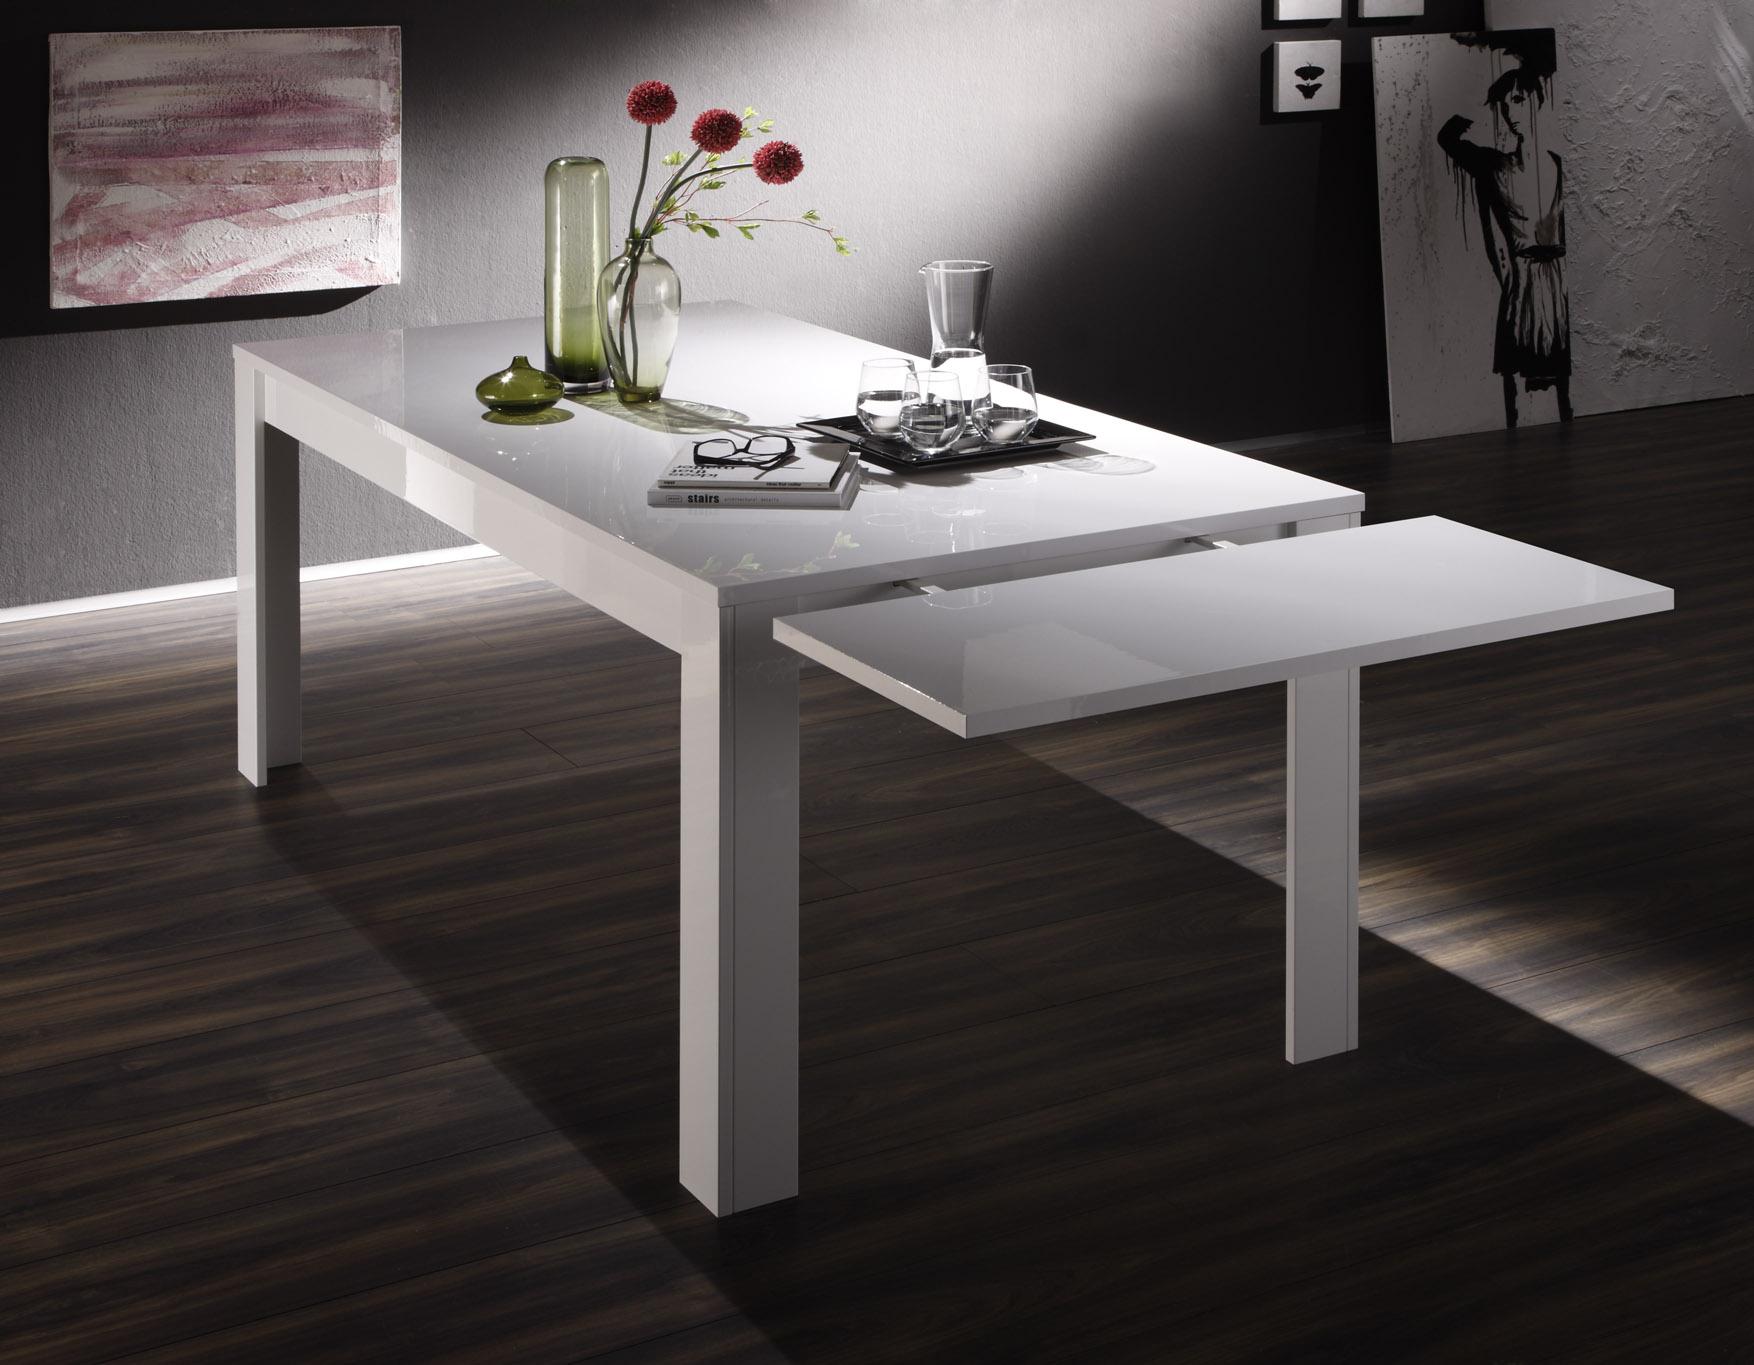 Dettagli Su Tavolo Da Pranzo Allungabile AMALFI Cucina Sala Salotto  #665E49 1754 1365 Misure Per Tavoli Da Pranzo